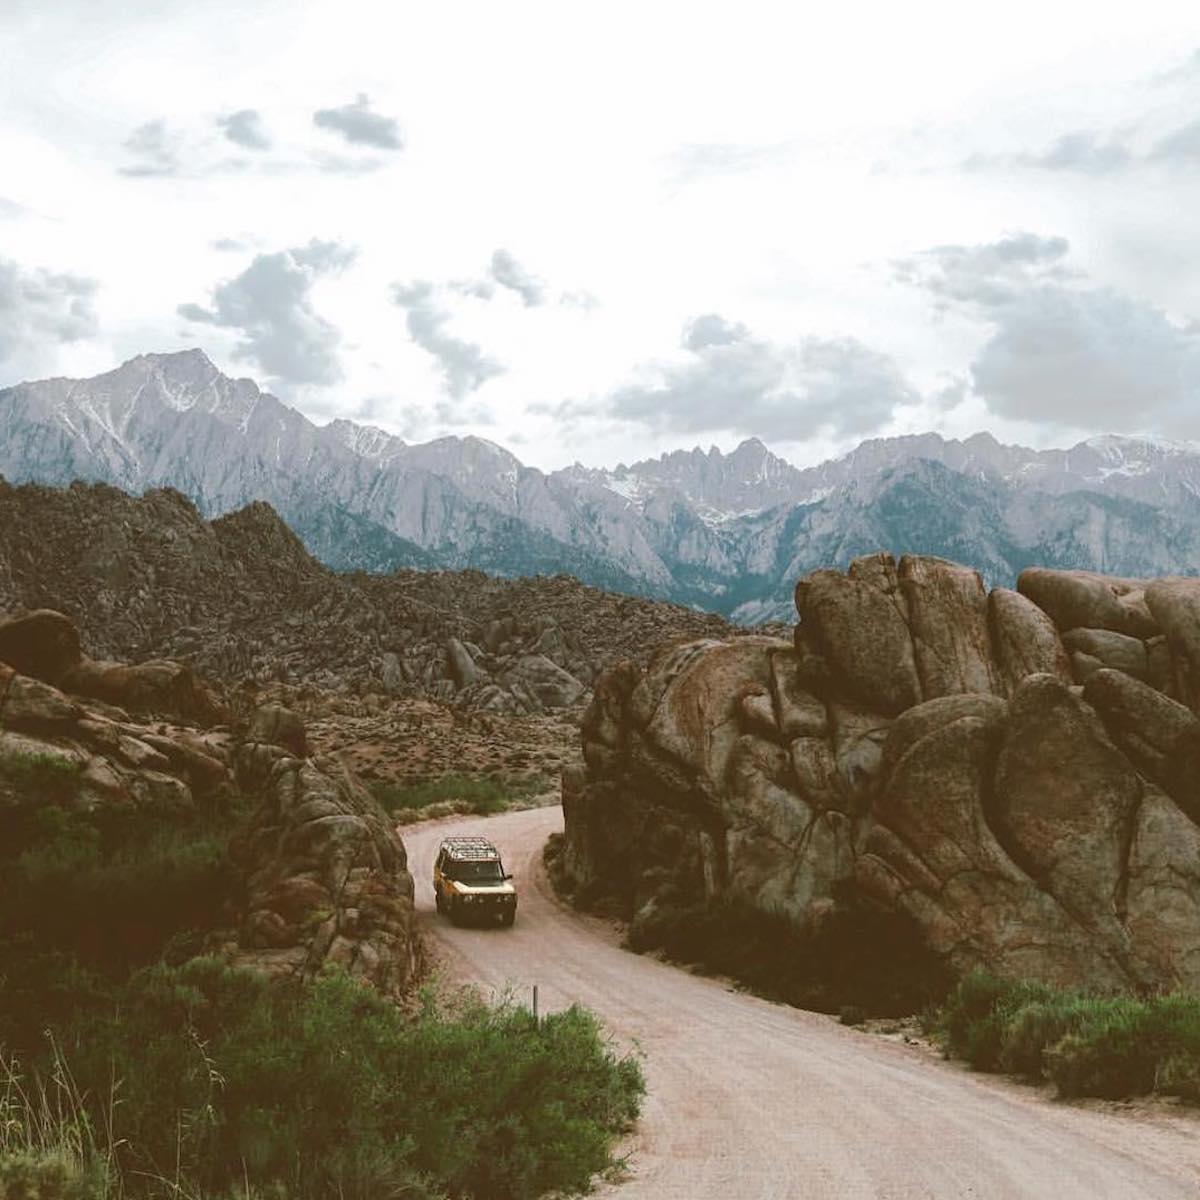 ユタ州・ソルトレイクシティに拠点を持つスマートフォンアクセサリーブランド『LANDER』。大自然への冒険で磨かれた衝撃吸収構造、アウトドアレジャーでも活躍する防水バックパック|LANDER